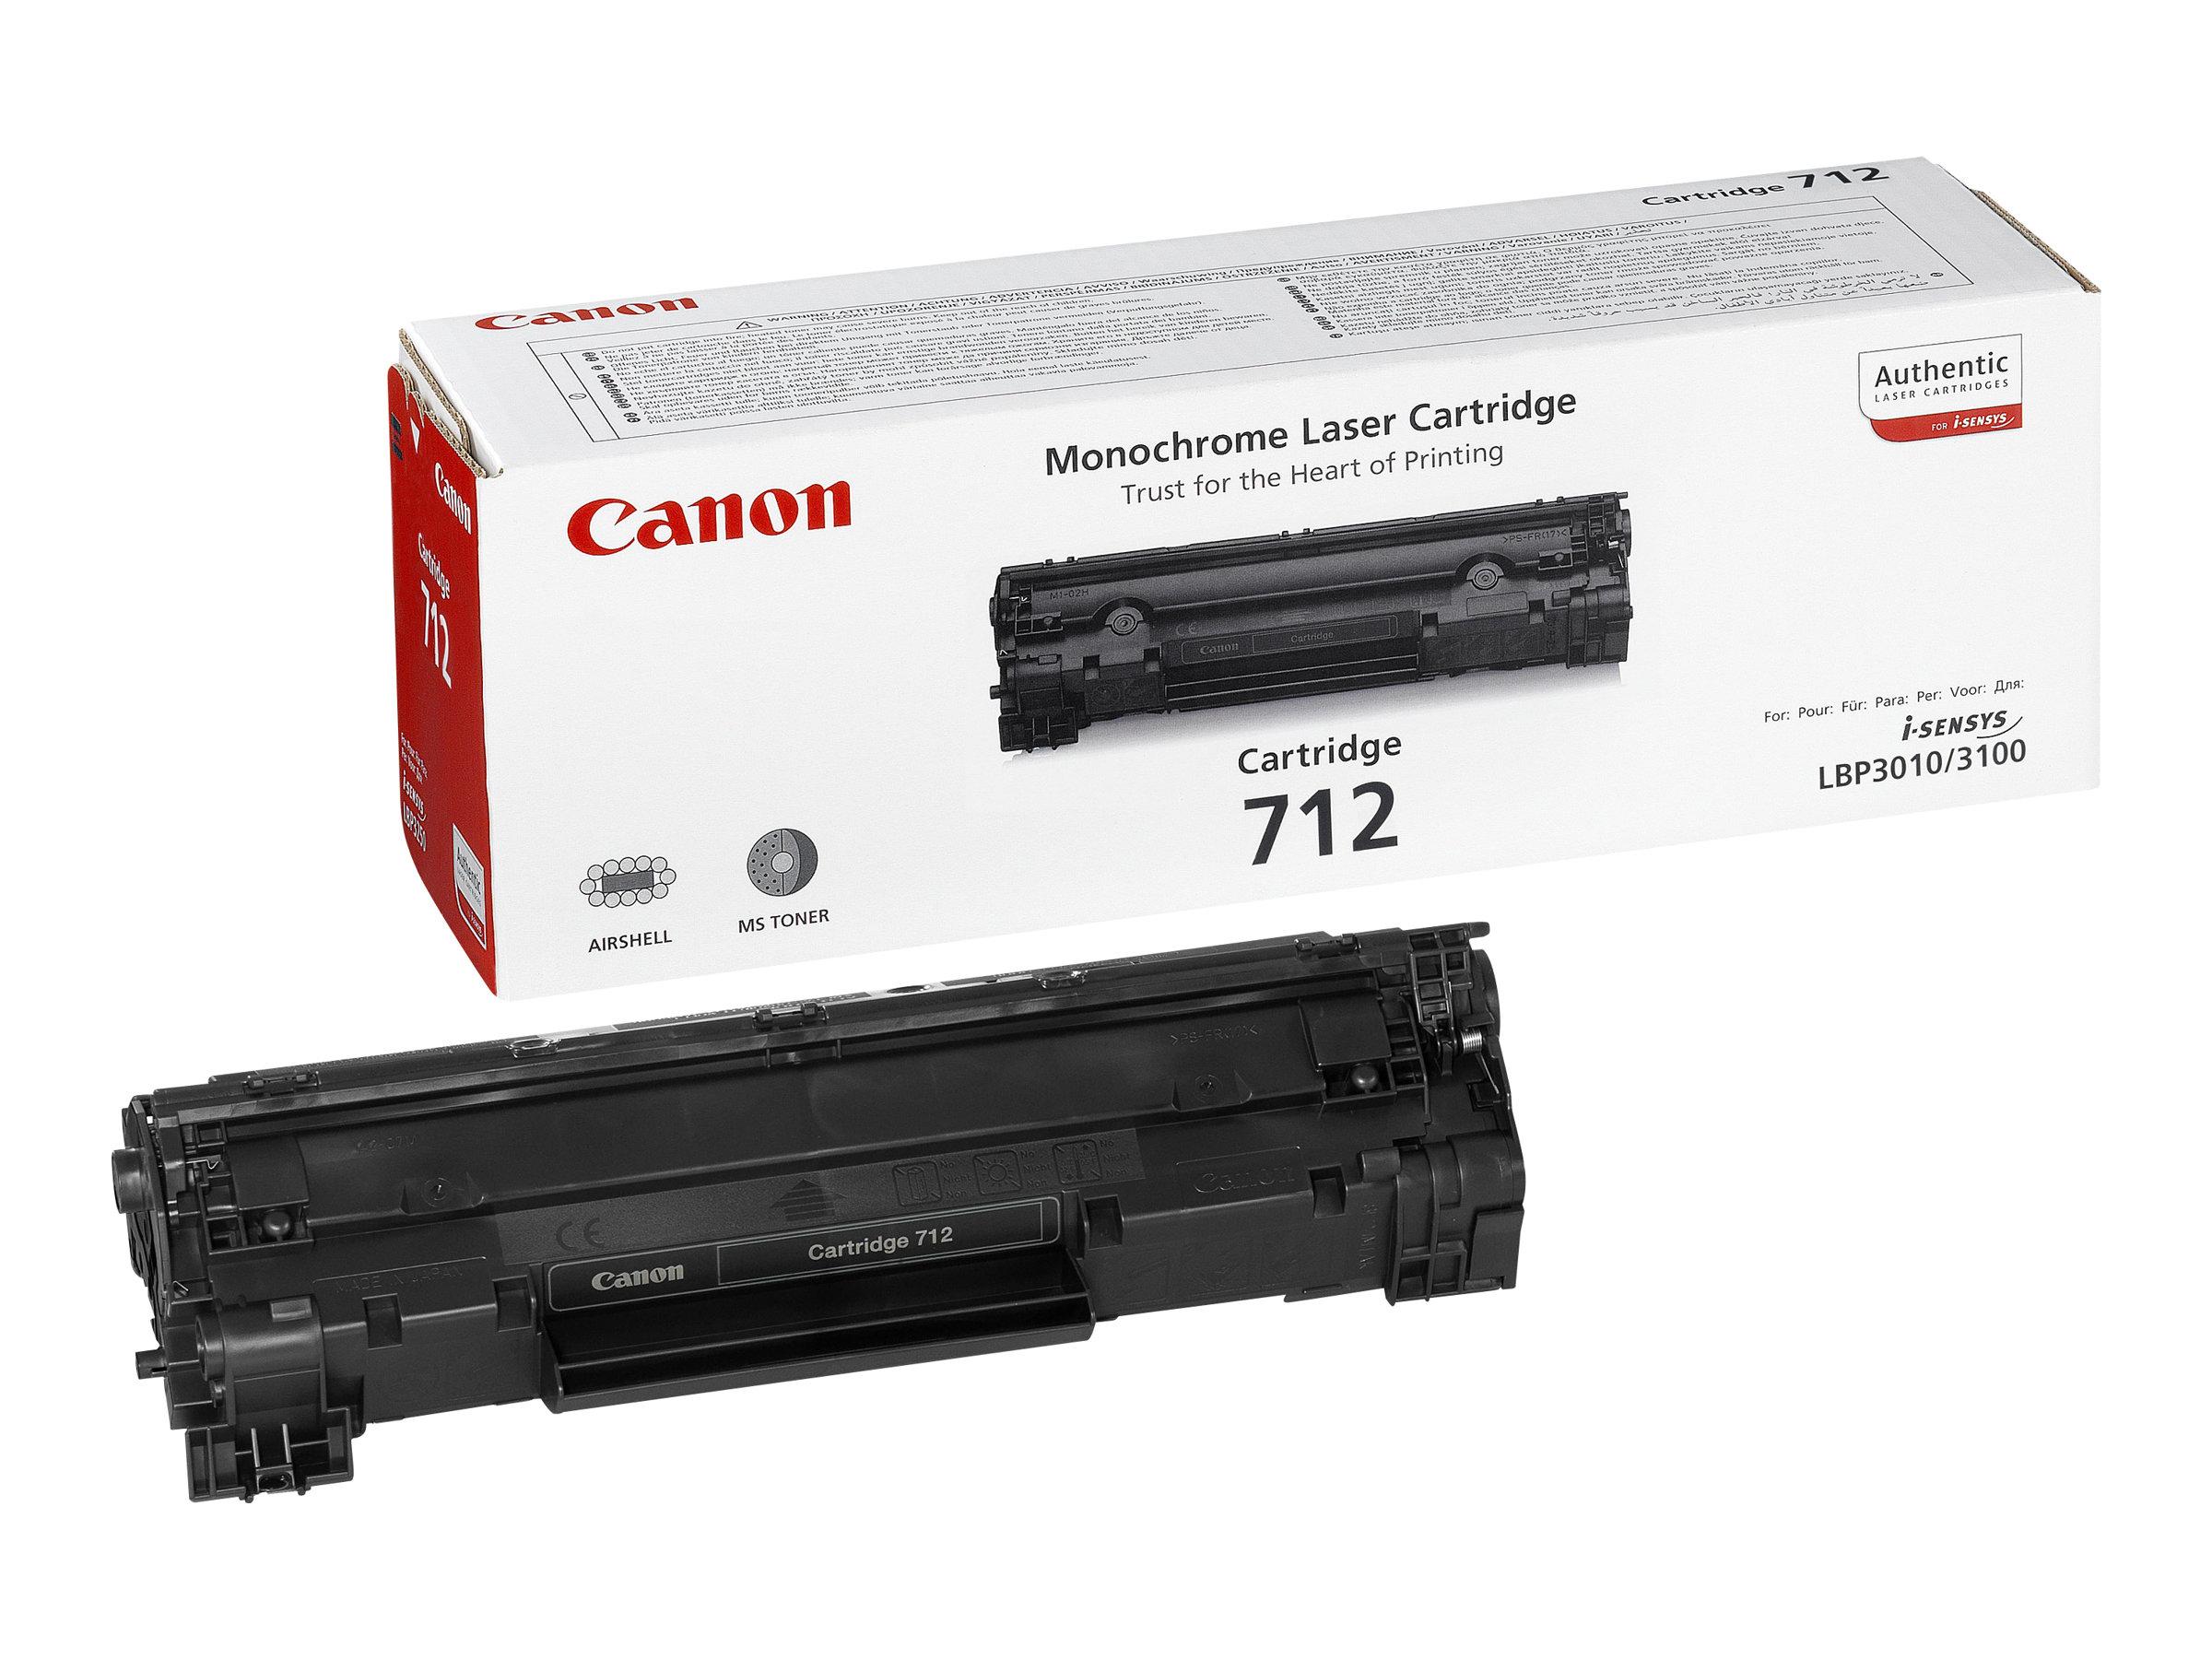 CANON 712 NEGRO ORIGINALCARTUCHO DE TONER PARA I-